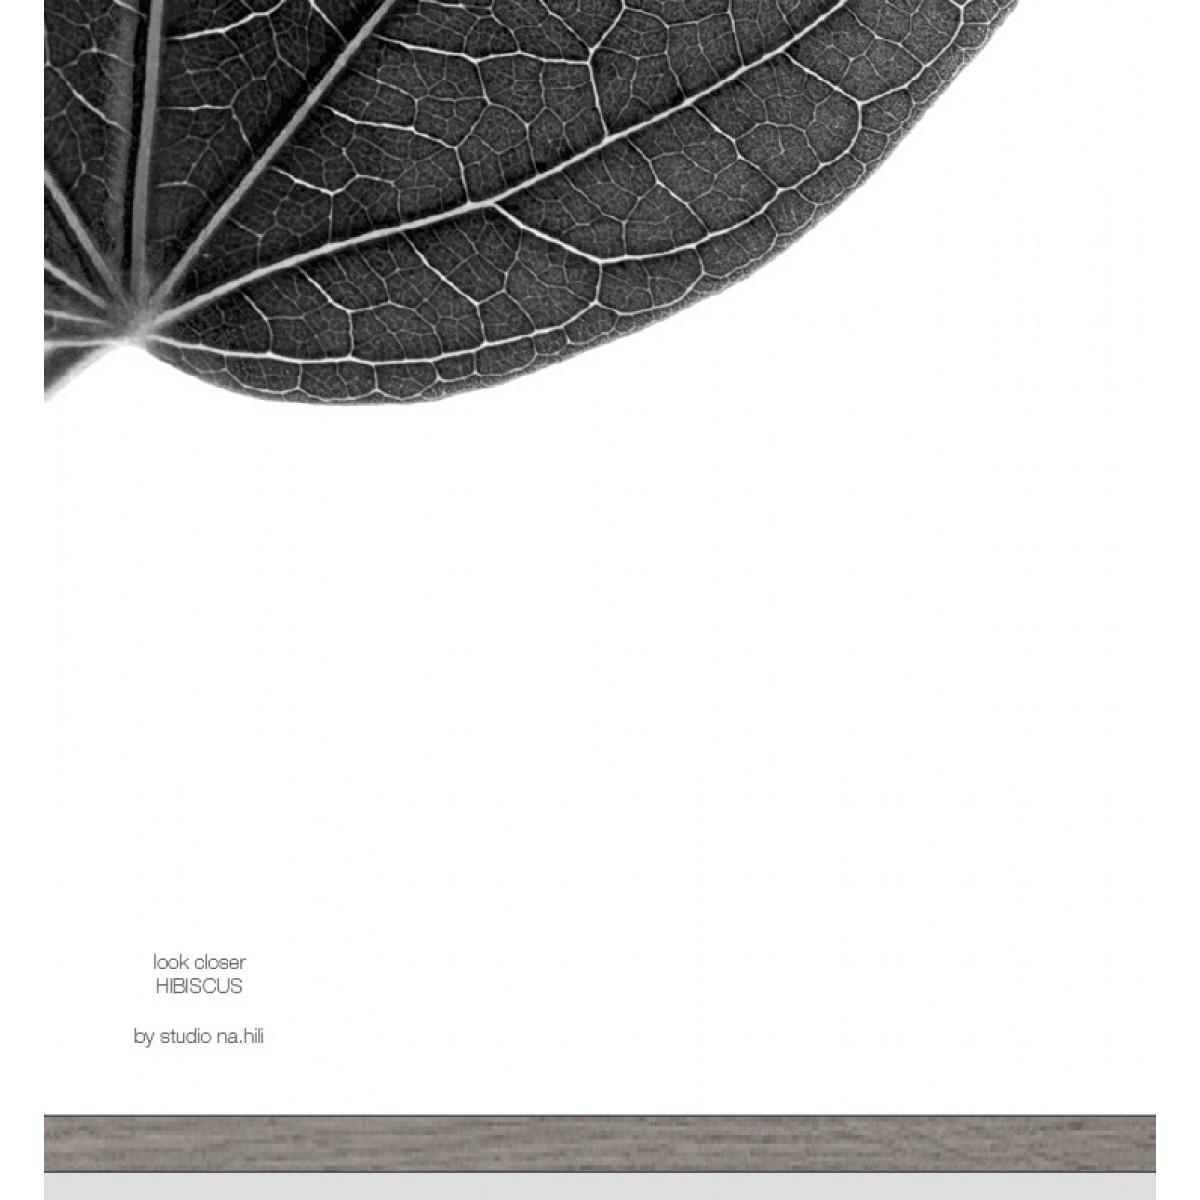 look closer HIBISCUS - black Artprint A3, 50x70, A1 Poster